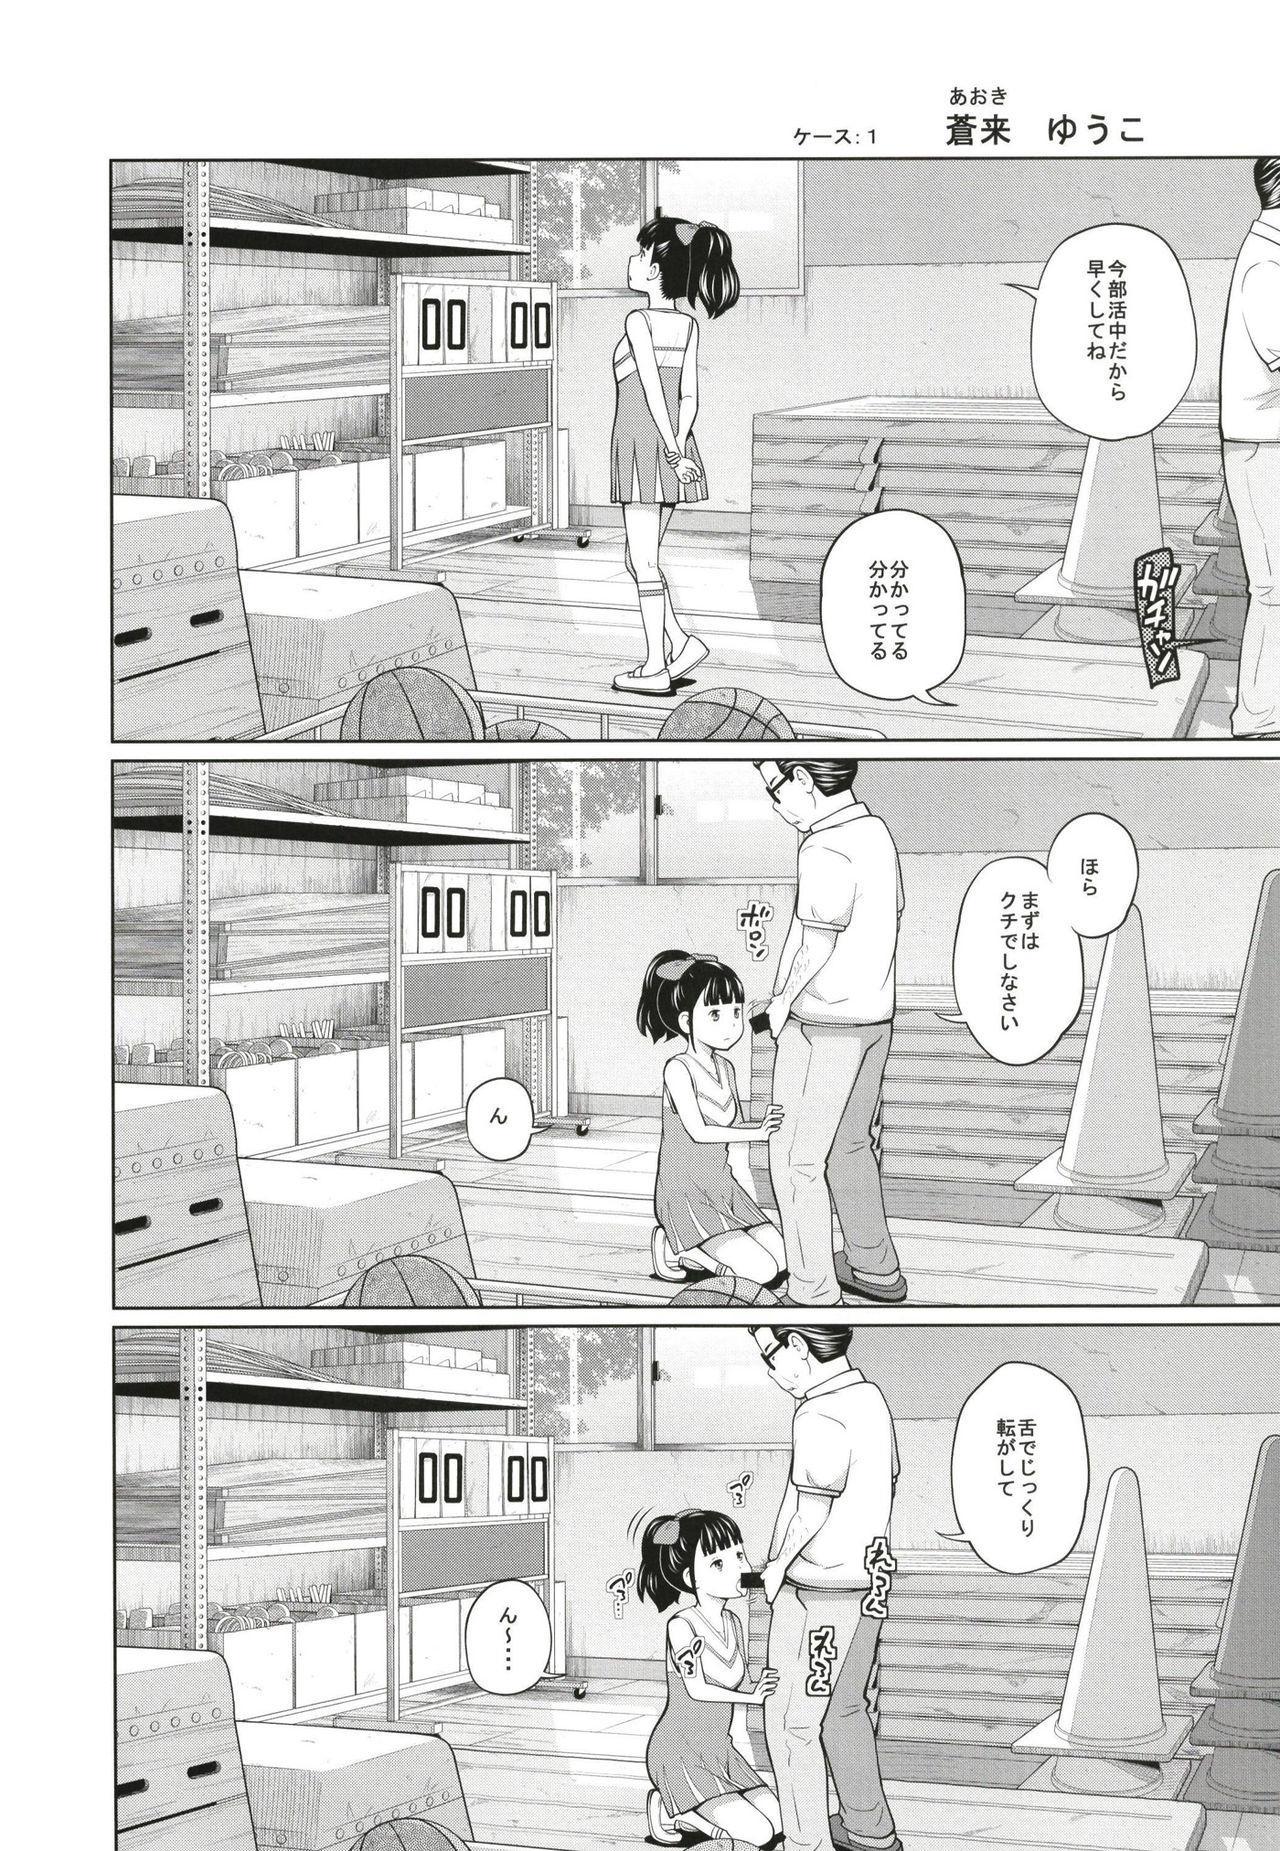 Kono Naka ni Kinshin Soukan Shiteiru Musume ga 3-nin Imasu #3 3